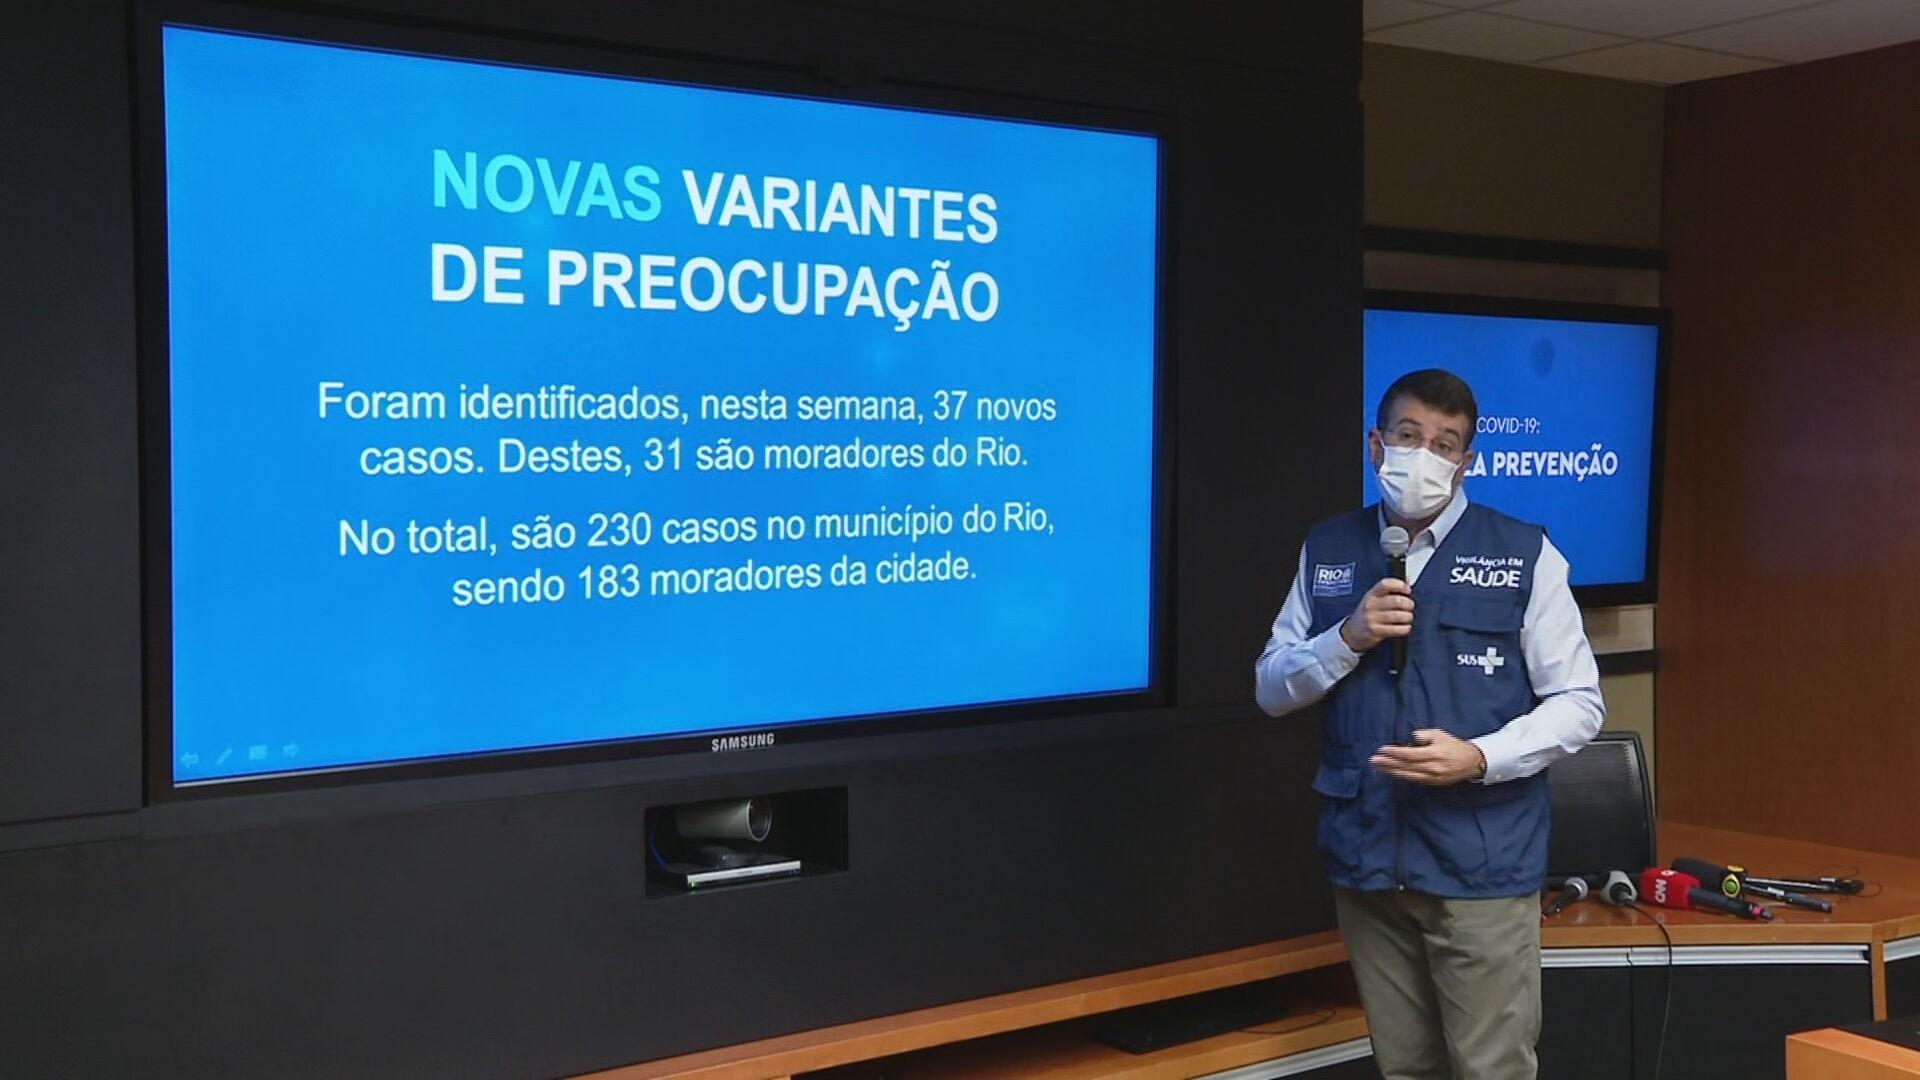 Variante brasileira da Covid representa 80% dos casos da doença no Rio, diz secretário